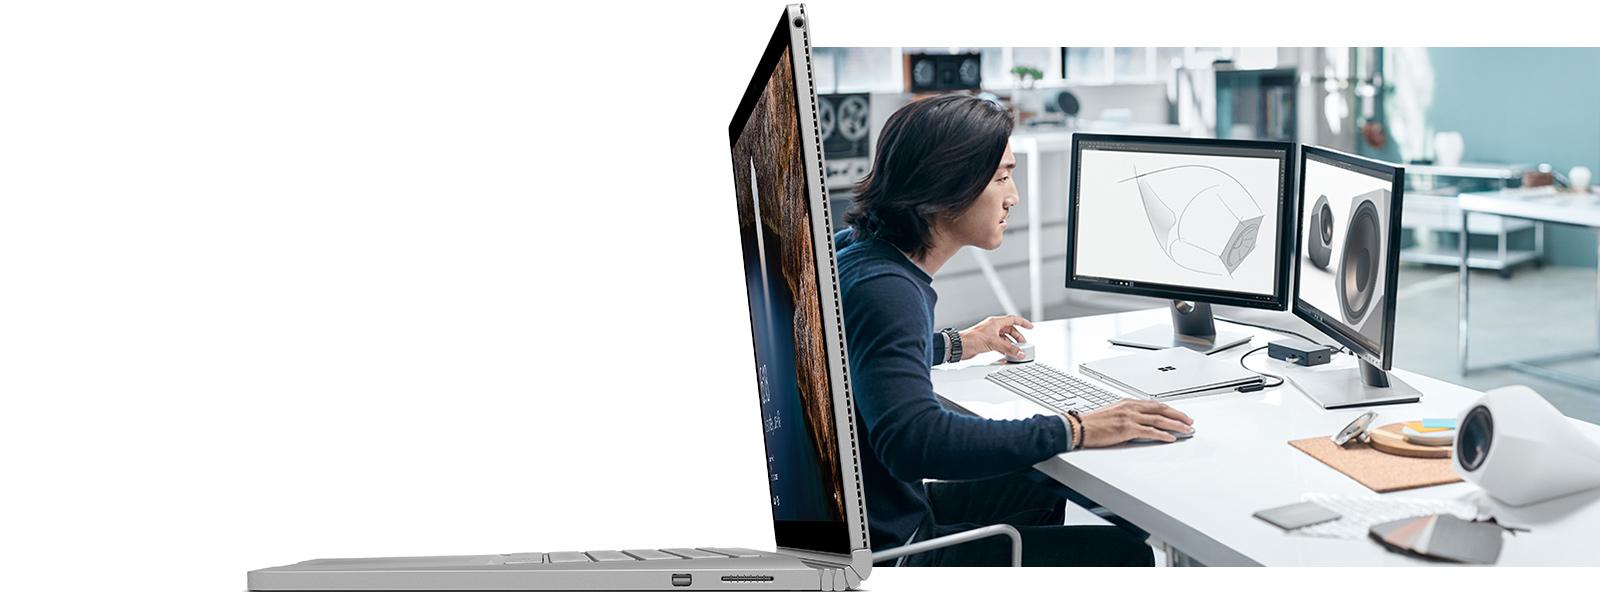 Homme travaillant à son bureau avec un Surface Book raccordé à un clavier, une souris et deux moniteurs externes